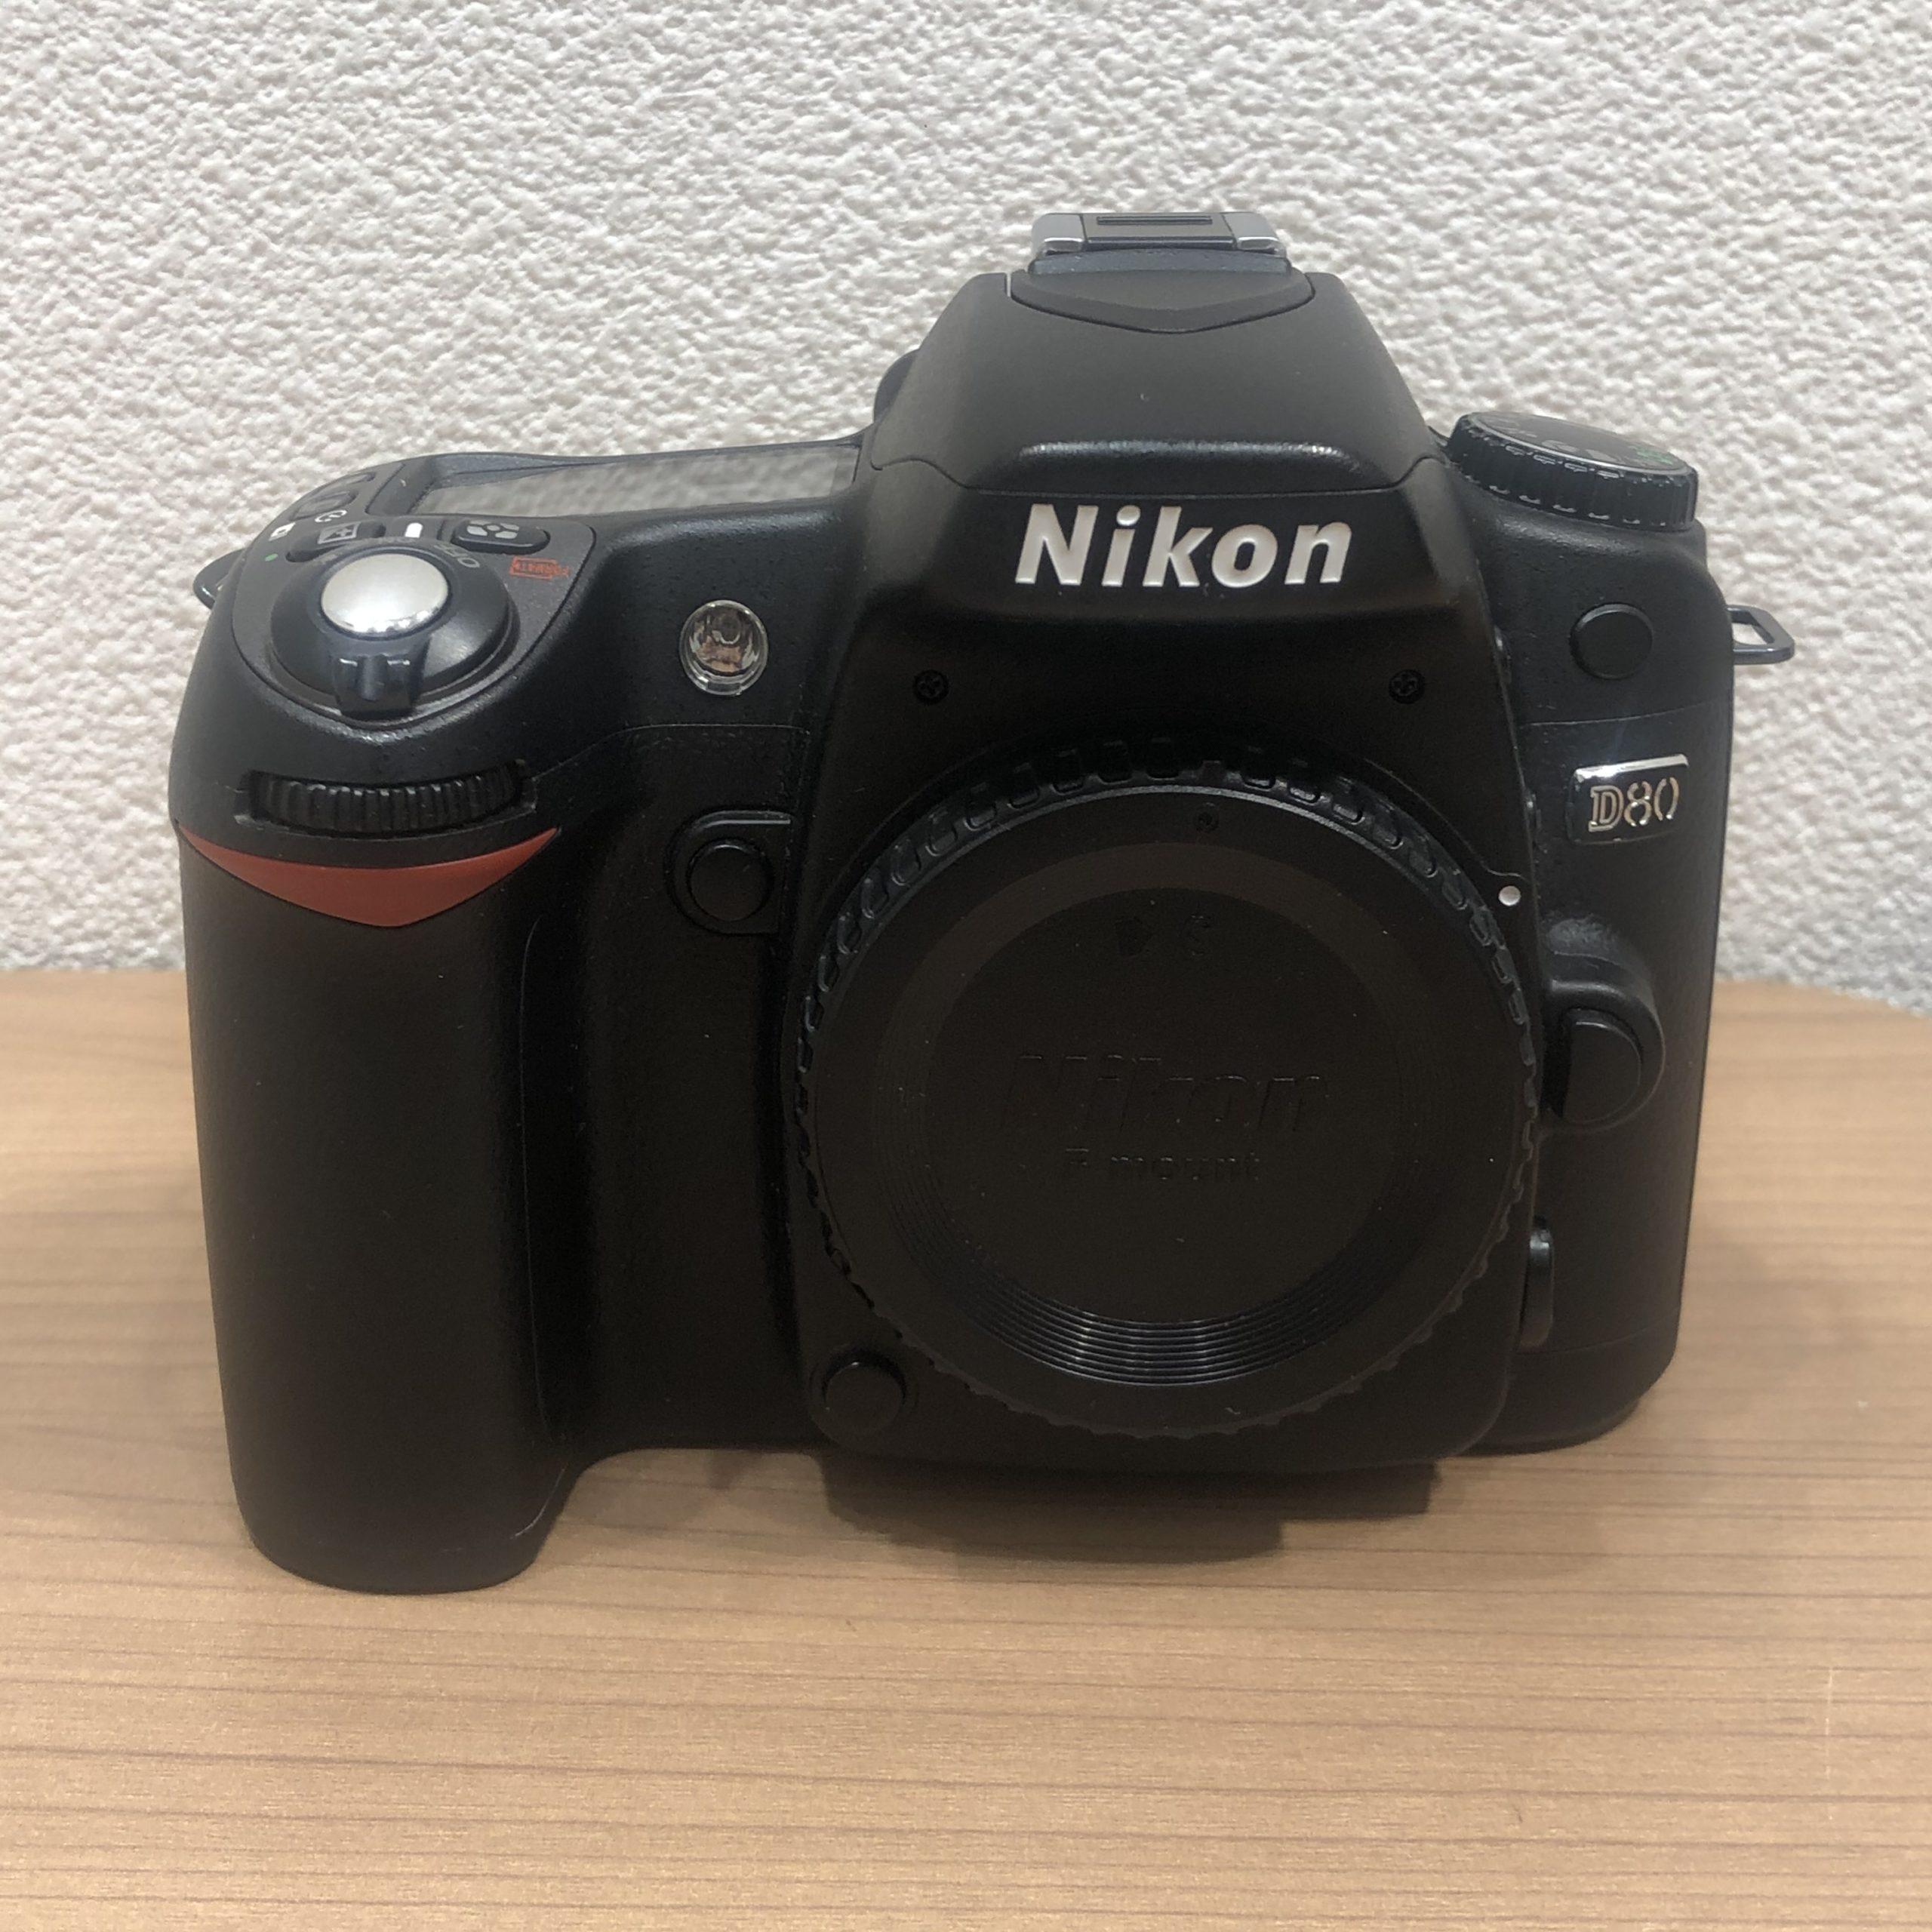 【Nikon/ニコン】D80 カメラ ボディ